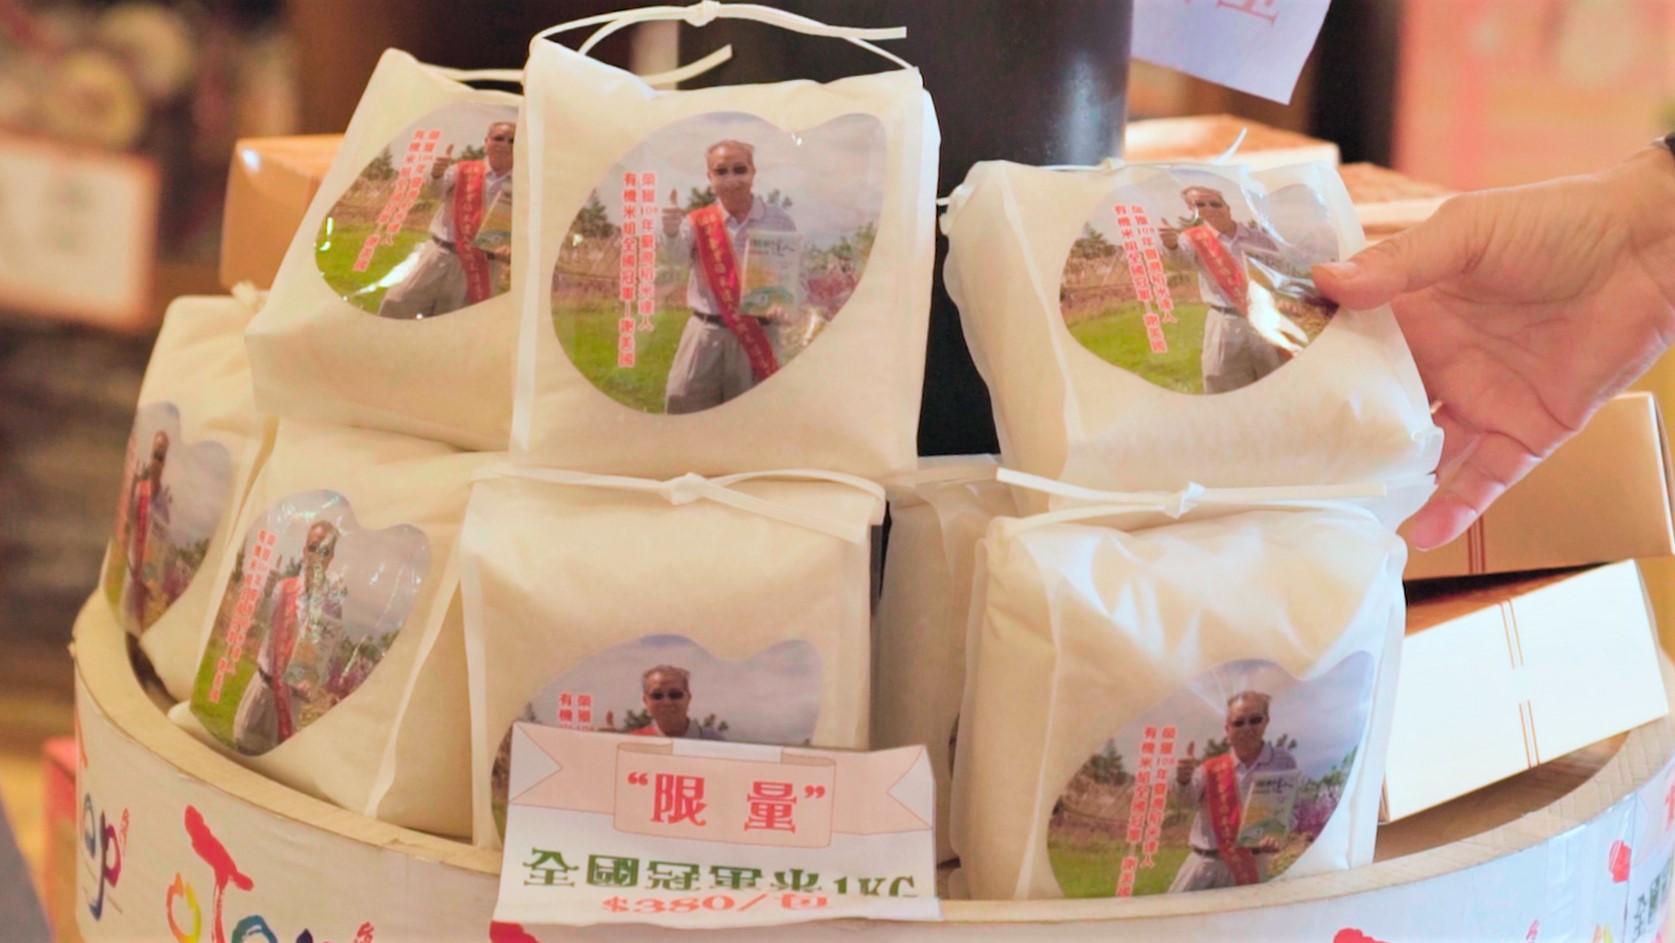 謝美國的限量全國冠軍米於池上鄉農會販售,1公斤賣380元。